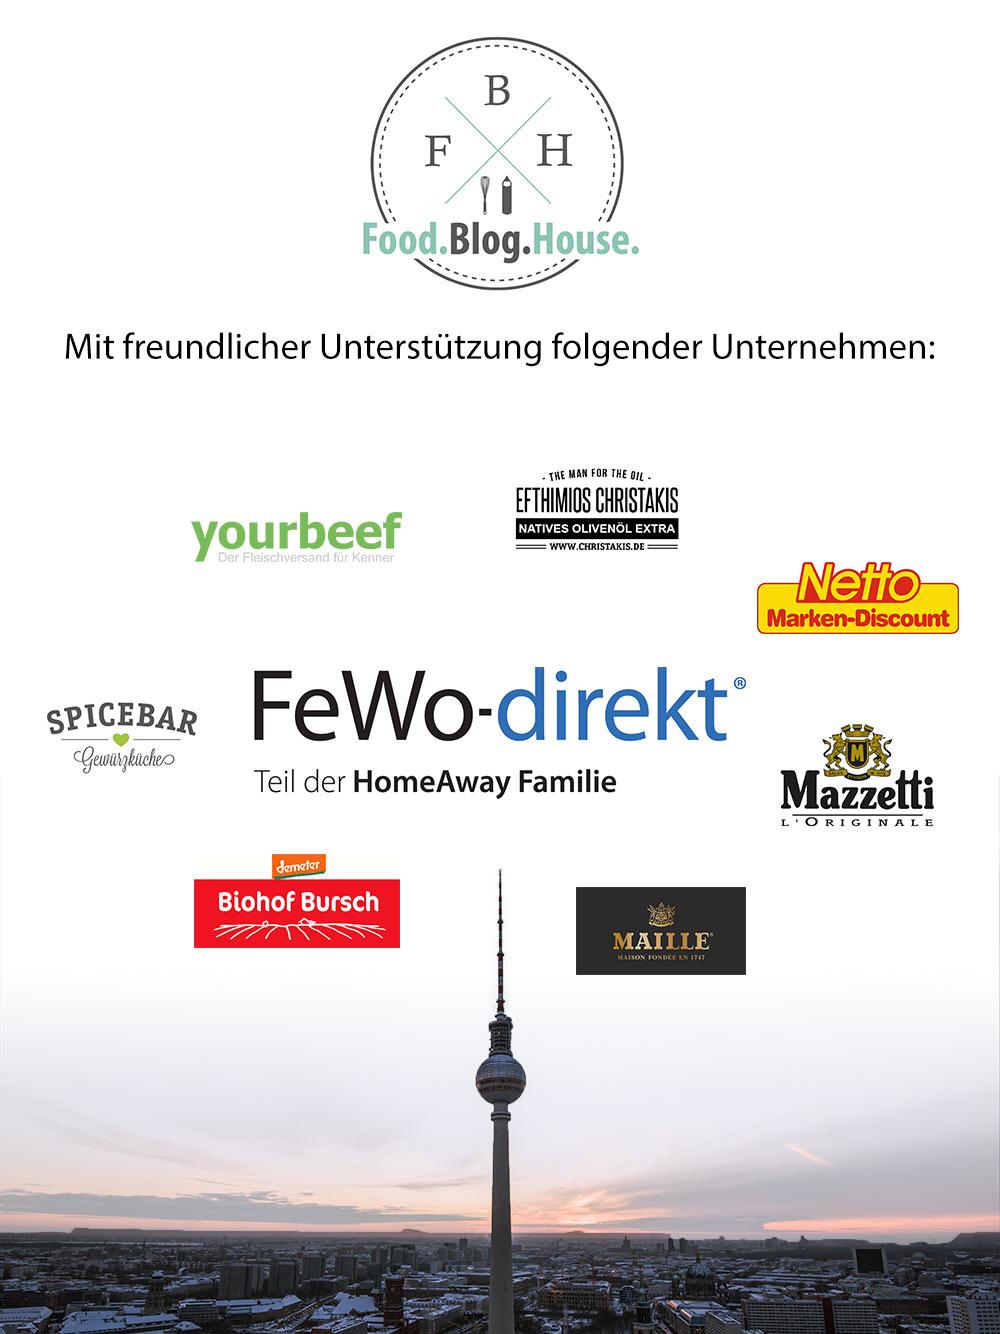 image 7 5 | Heute schreiben wir direkt aus unserem Haus in Schöneiche bei Berlin.